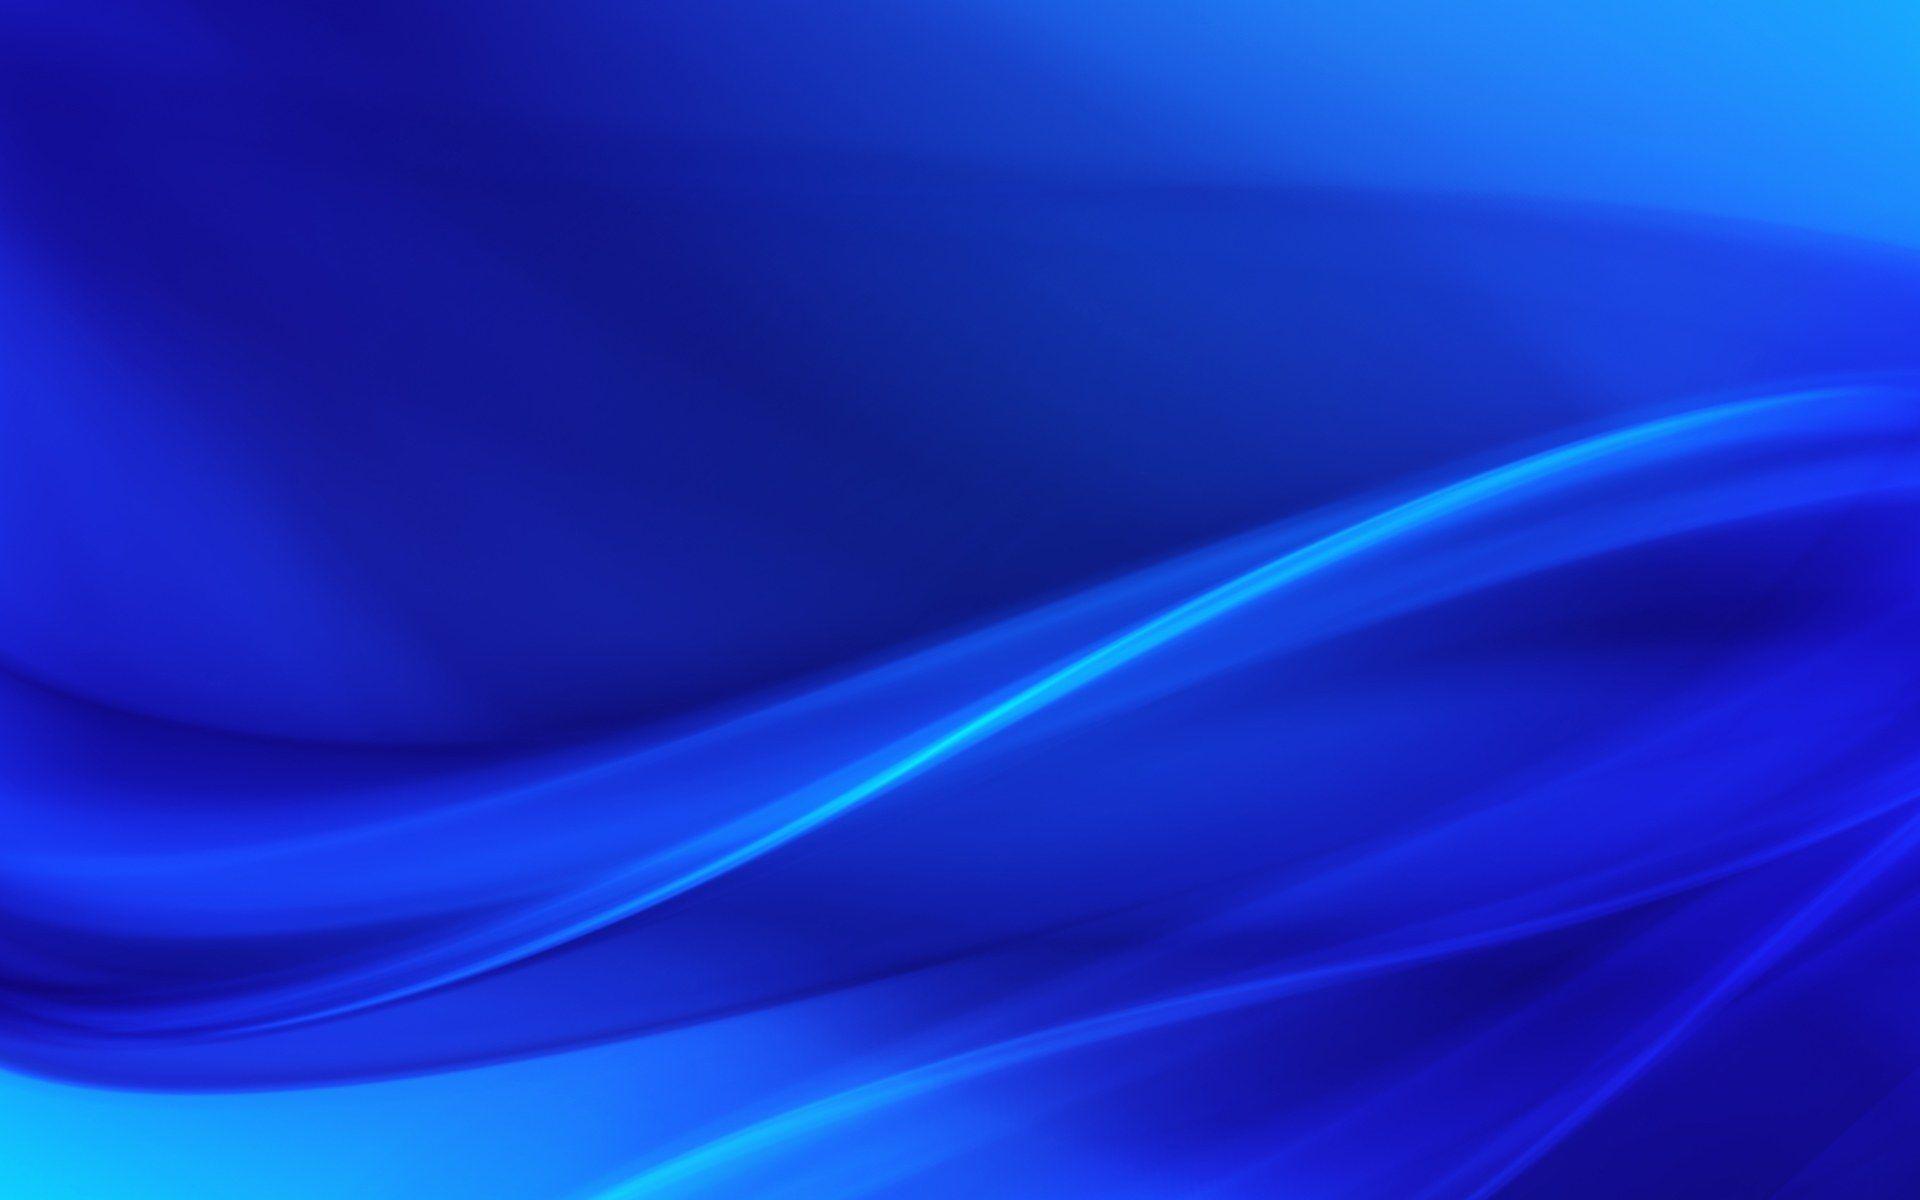 Blue Wallpaper #51 HD Desktop #7552 Wallpaper | Forrestkyle Gallery